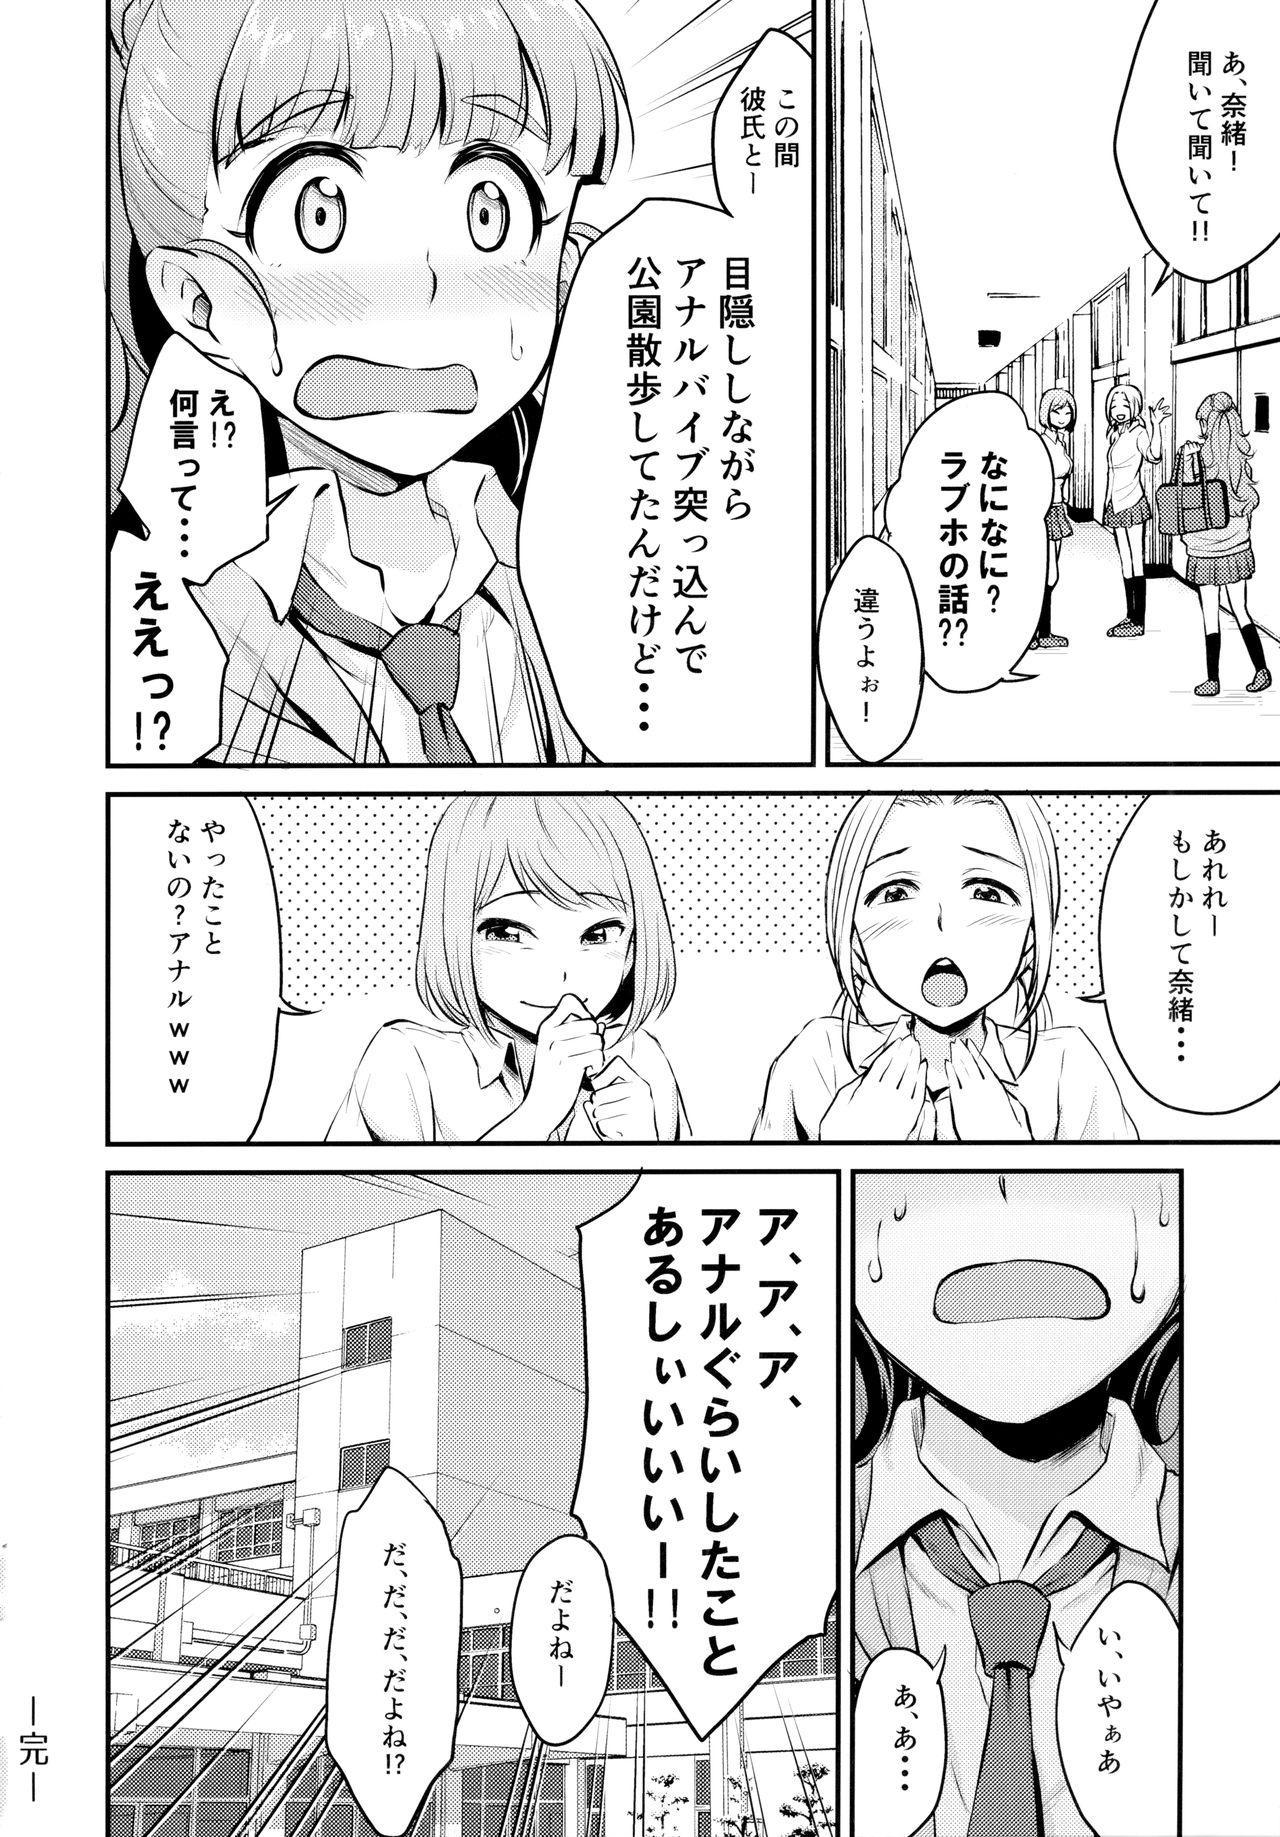 Idol no Iru Sekai 52